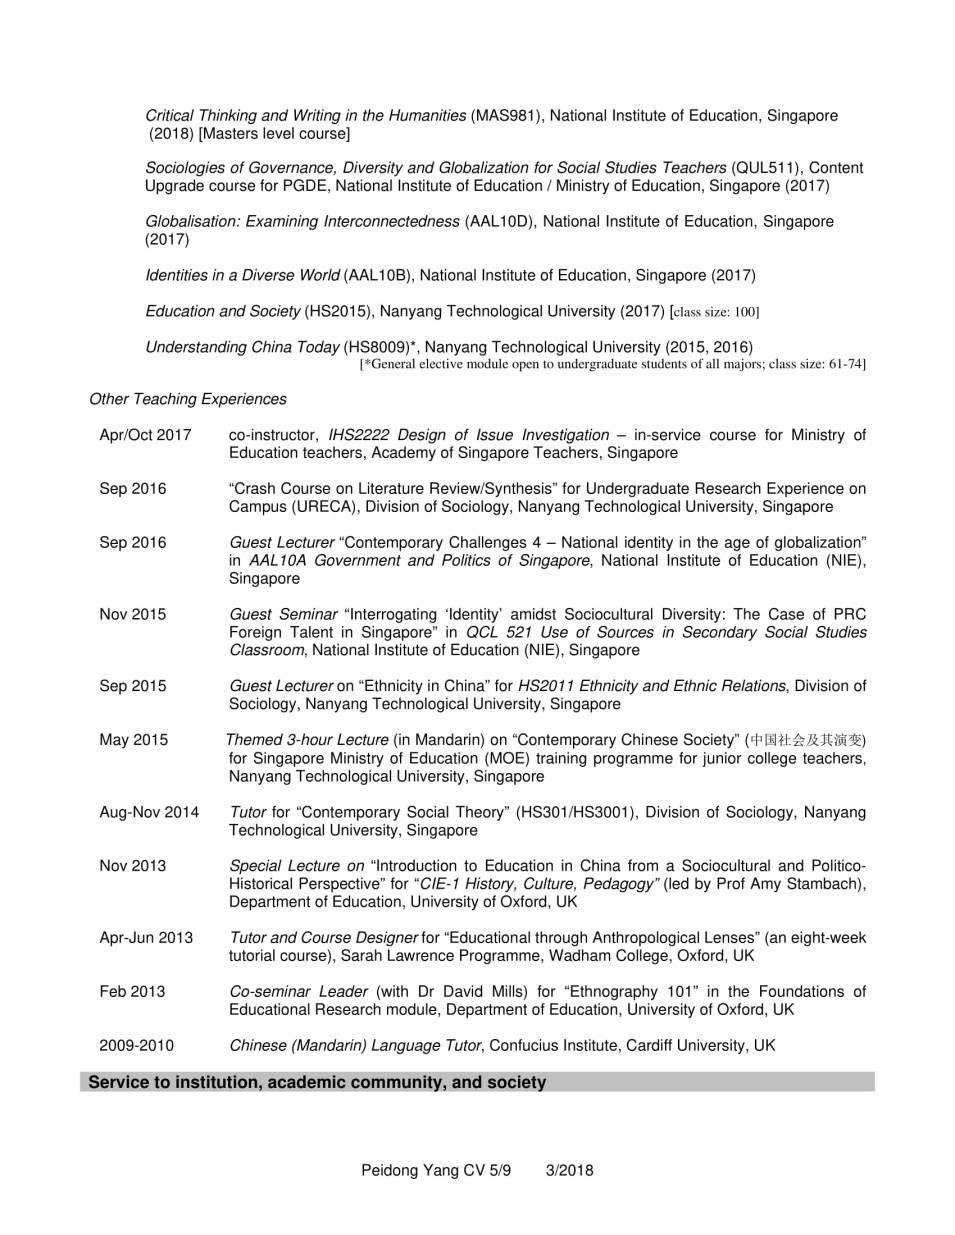 CV YANG Peidong_3.2018-5